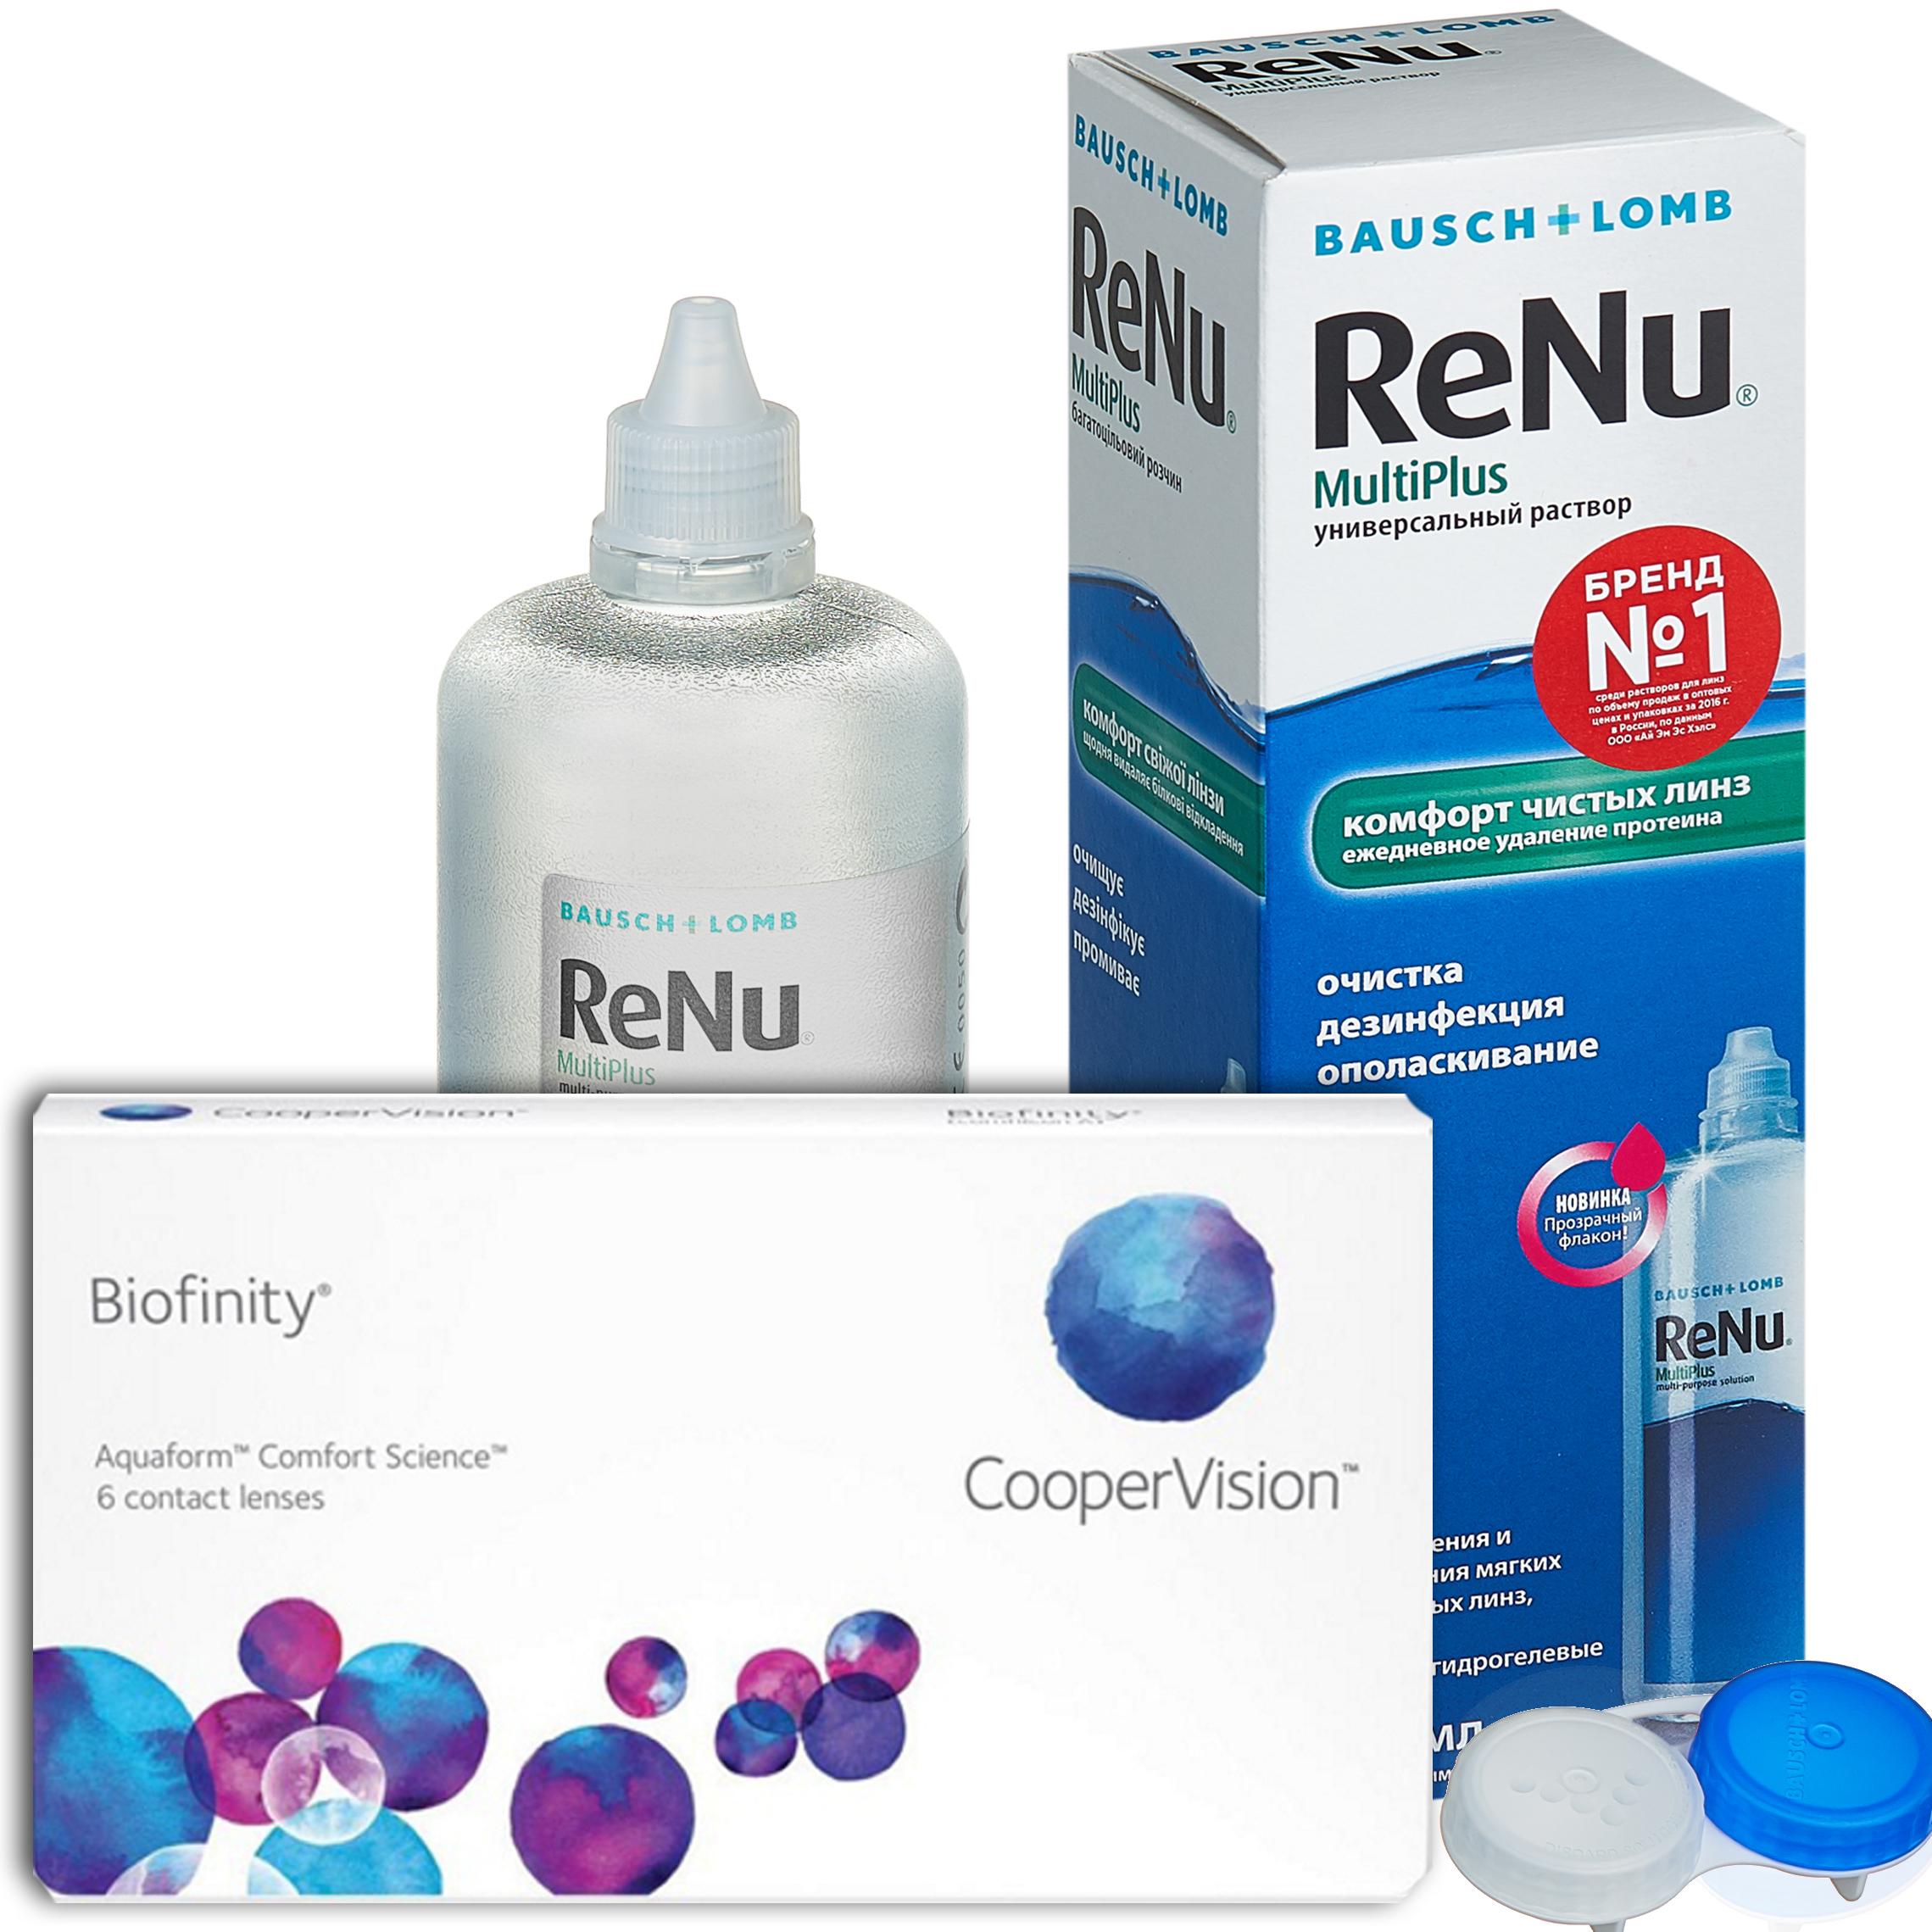 Купить Biofinity 6 линз + ReNu MultiPlus, Контактные линзы Biofinity 6 линз R 8.6 -4, 75 + Раствор ReNu Multi Plus 360 мл